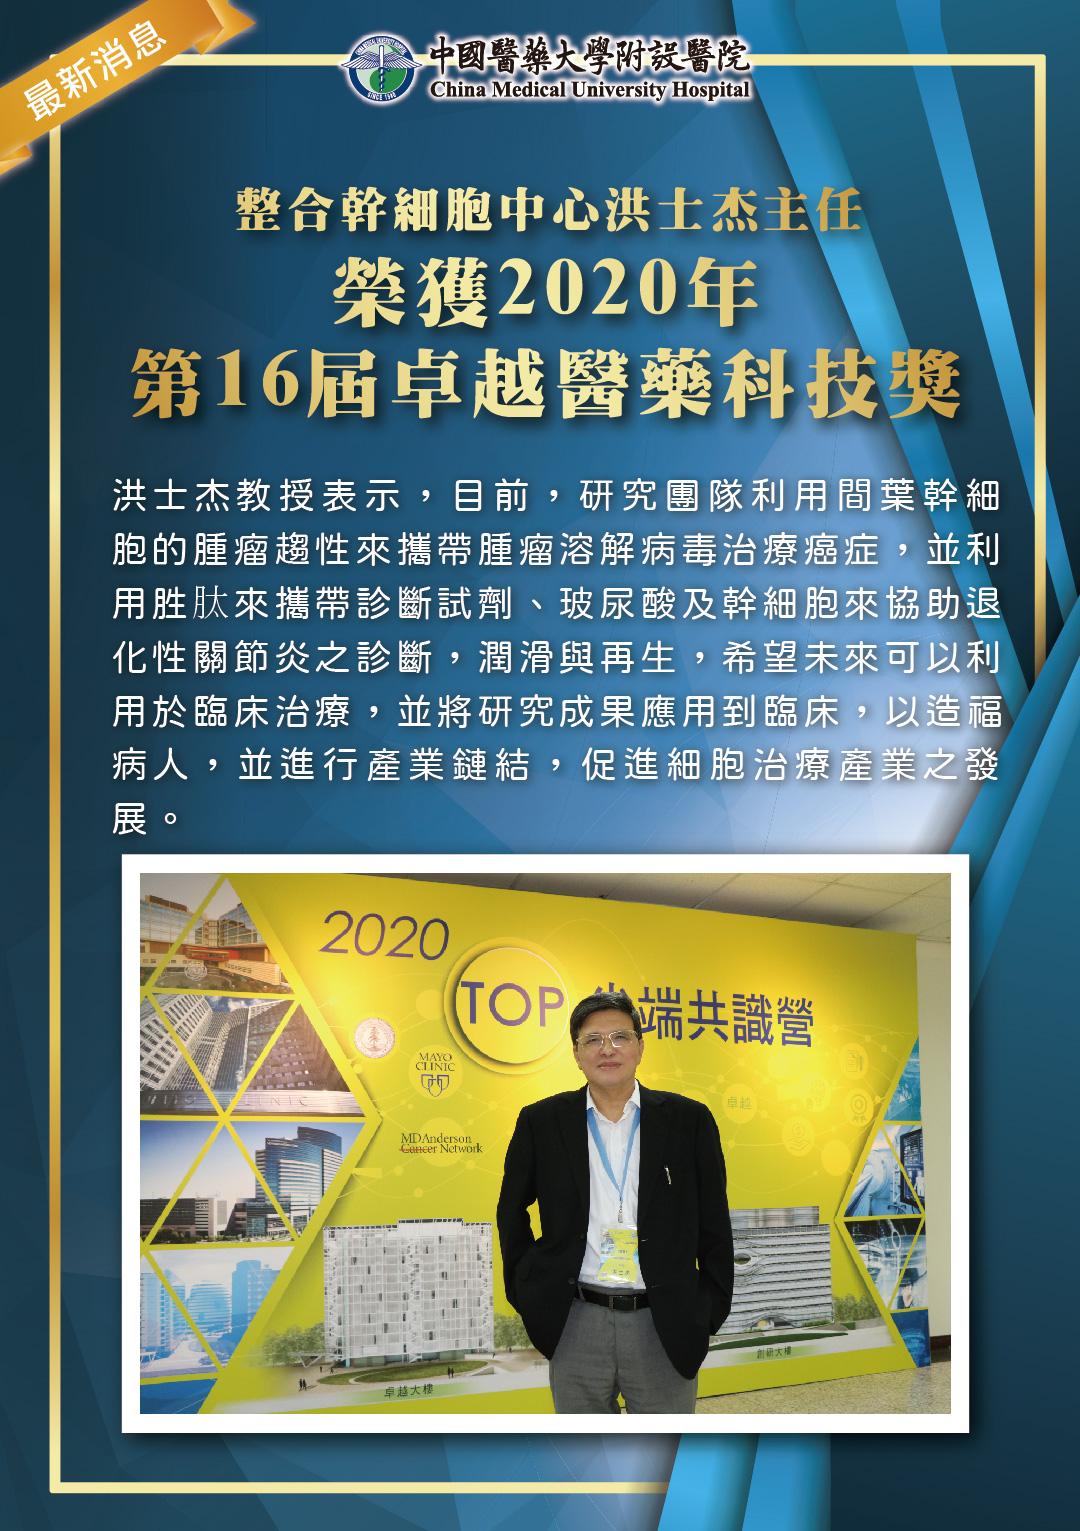 整合幹細胞中心洪士杰主任榮獲2020年「第16屆卓越醫藥科技獎」